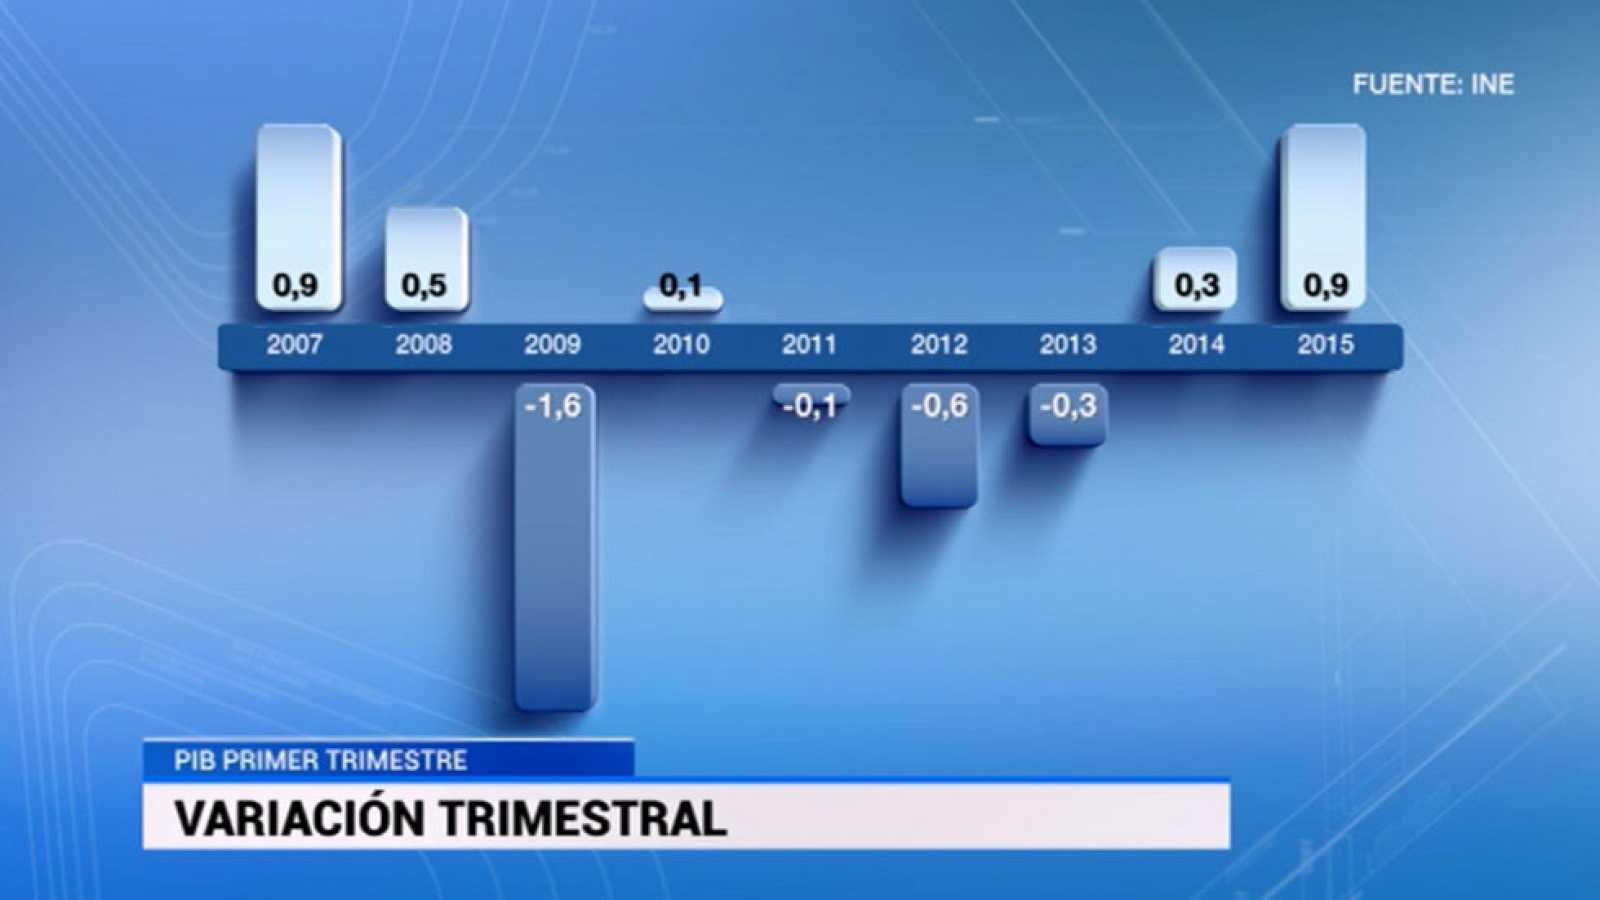 La economía avanzó un 0,9% en el primer trimestre, la mayor subida desde 2007